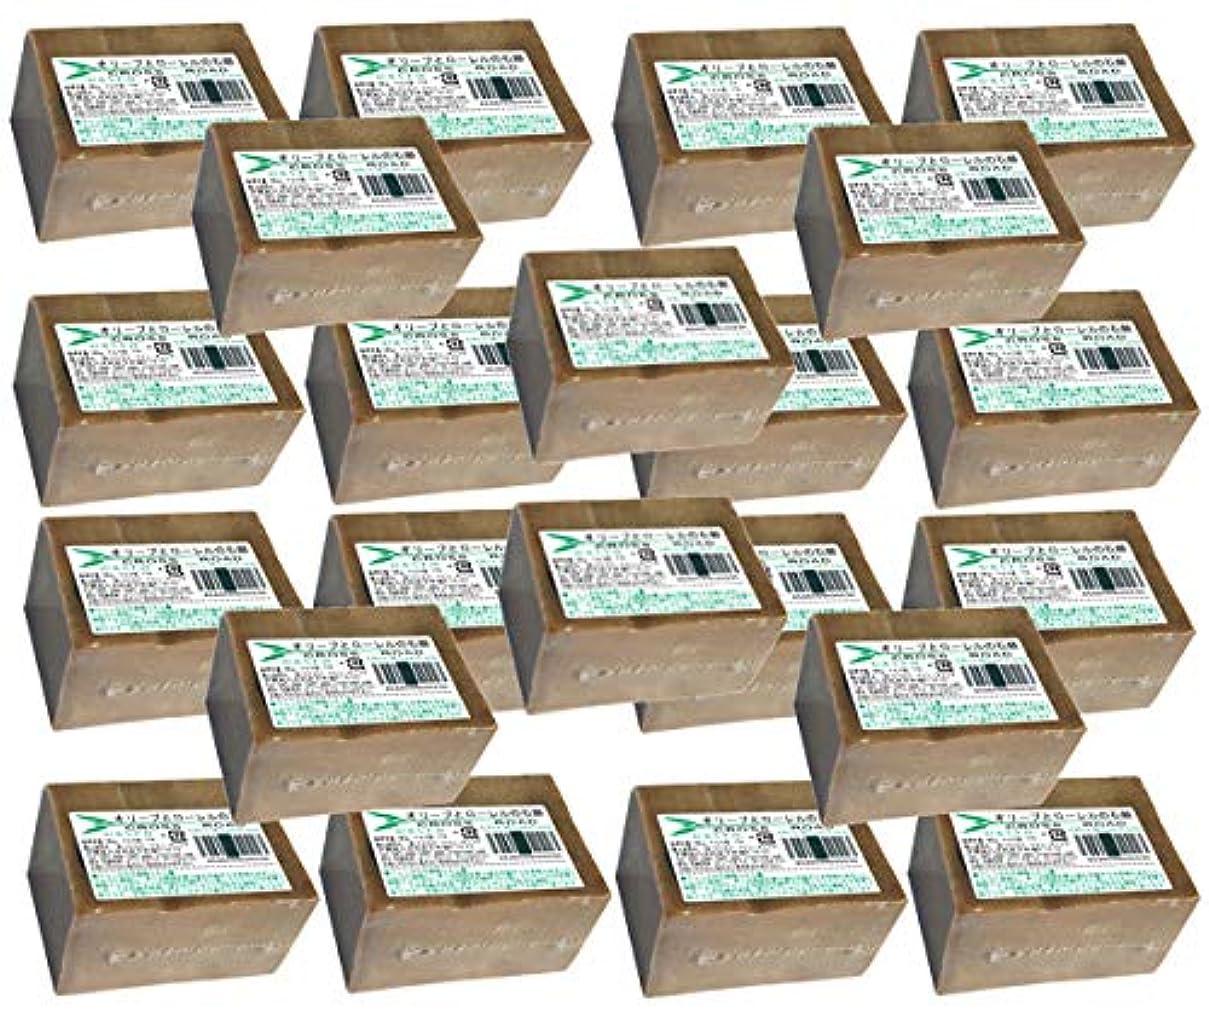 天井句敏感なオリーブとローレルの石鹸(エキストラ)22個セット[並行輸入品]